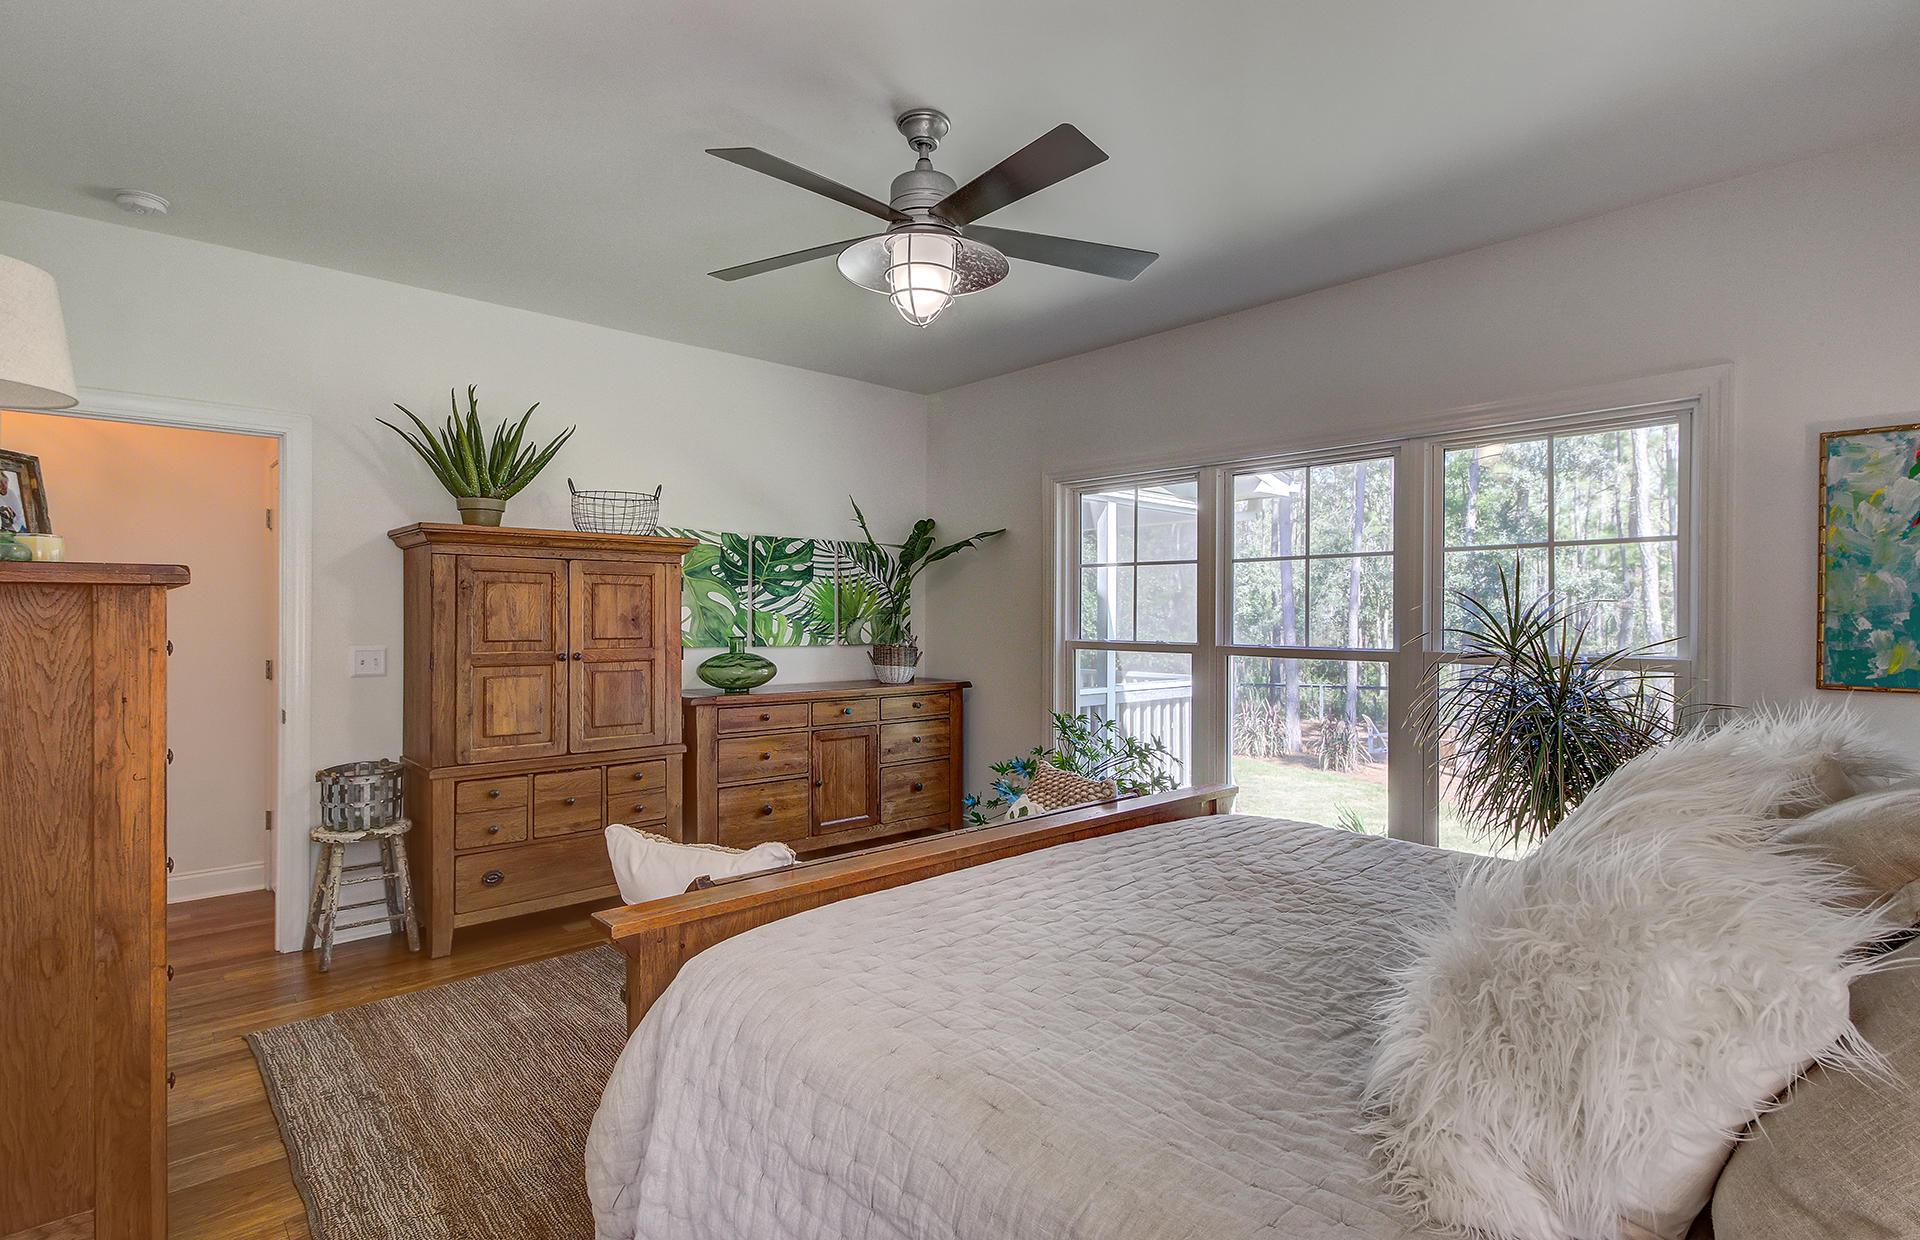 Park West Homes For Sale - 3052 Ashburton, Mount Pleasant, SC - 33